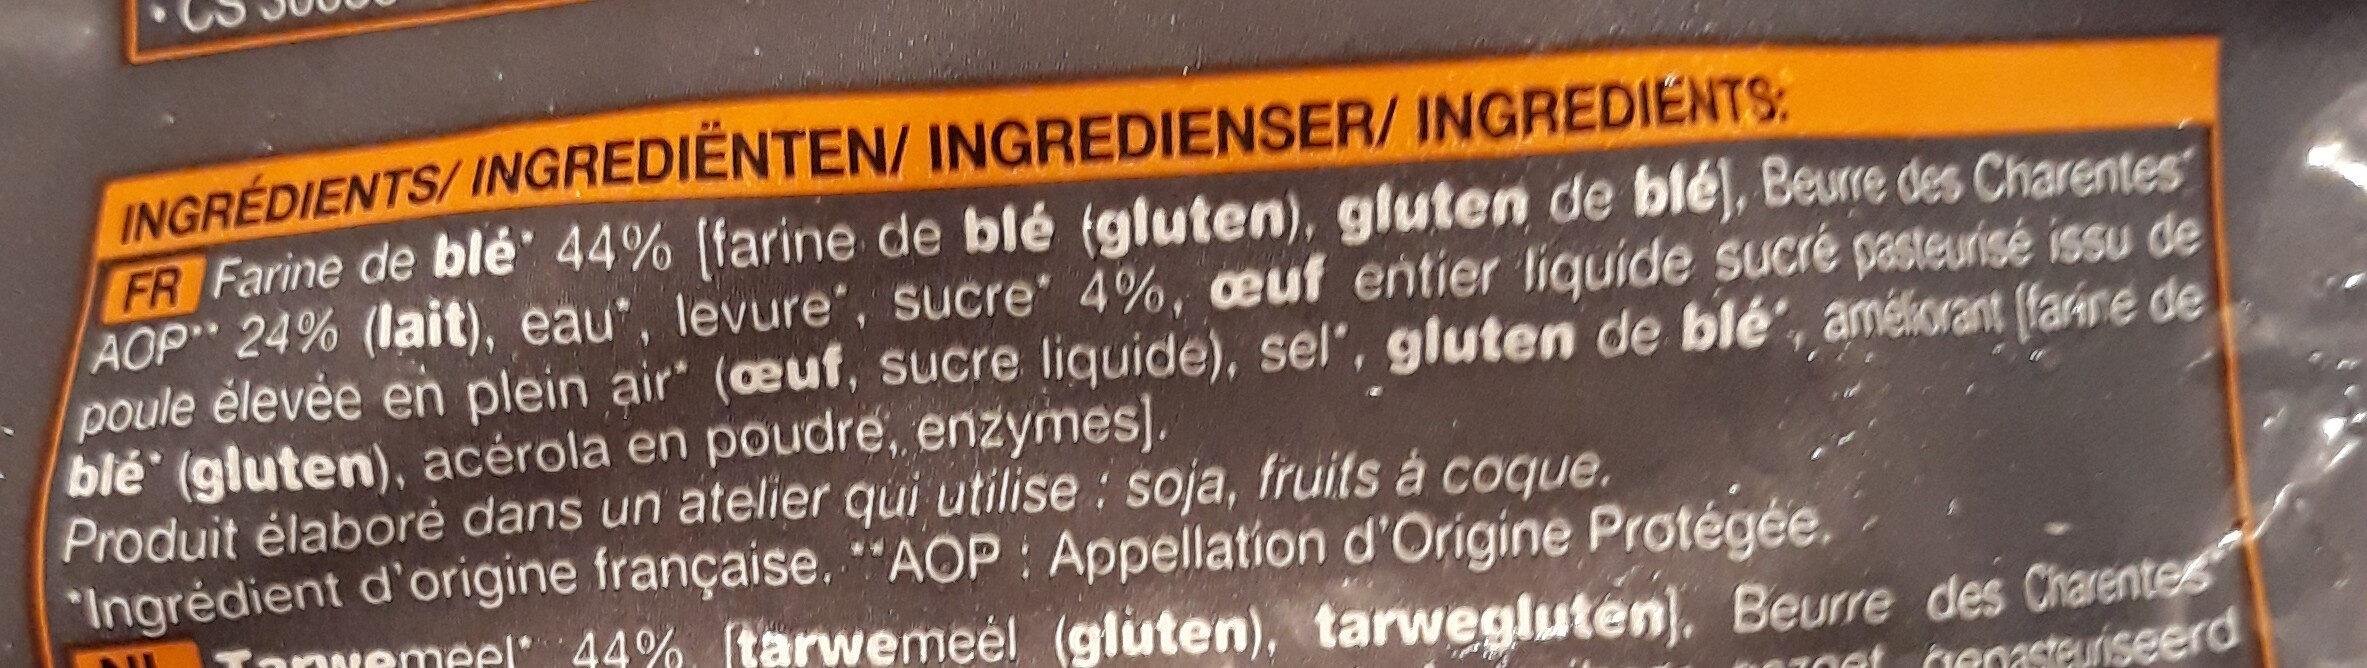 Croissant - Ingrédients